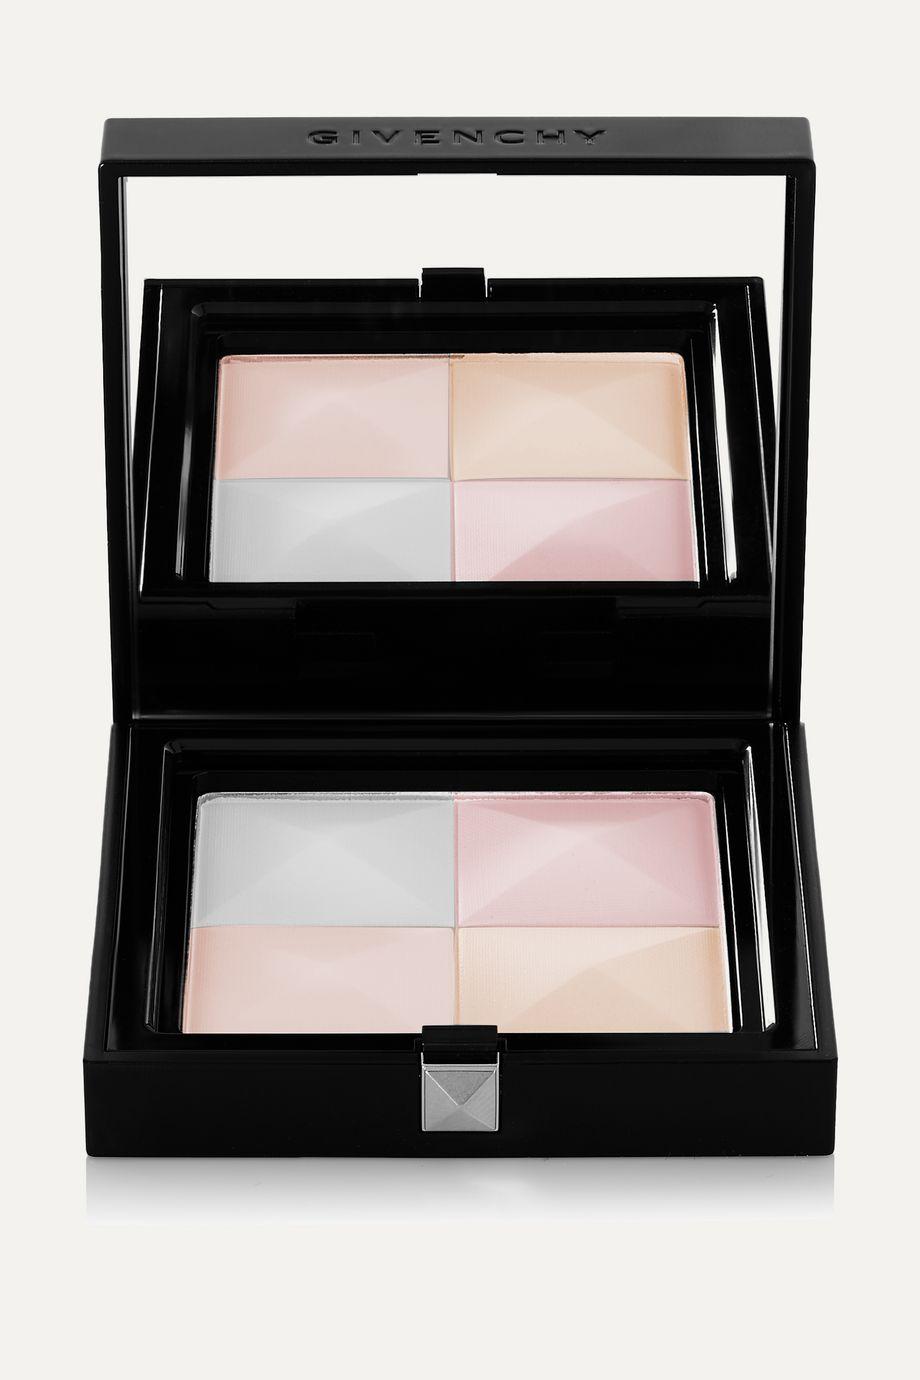 Givenchy Beauty Prisme Visage - Satin Ivoire No.2